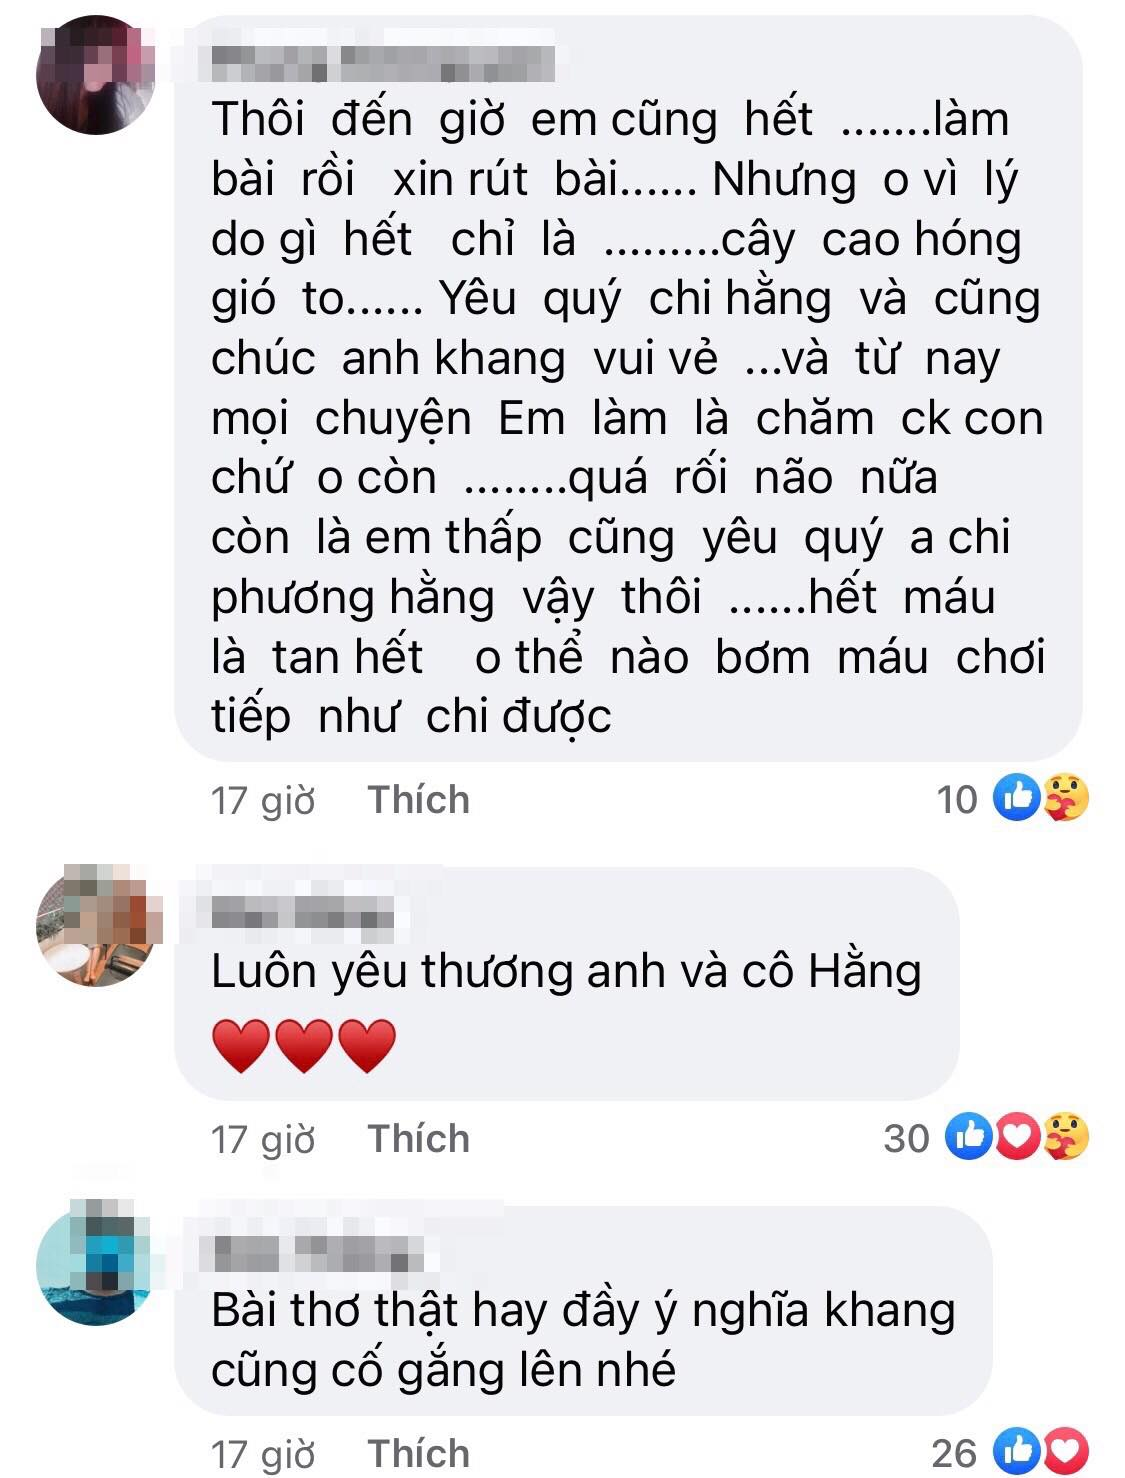 nguyen phuong hang 4